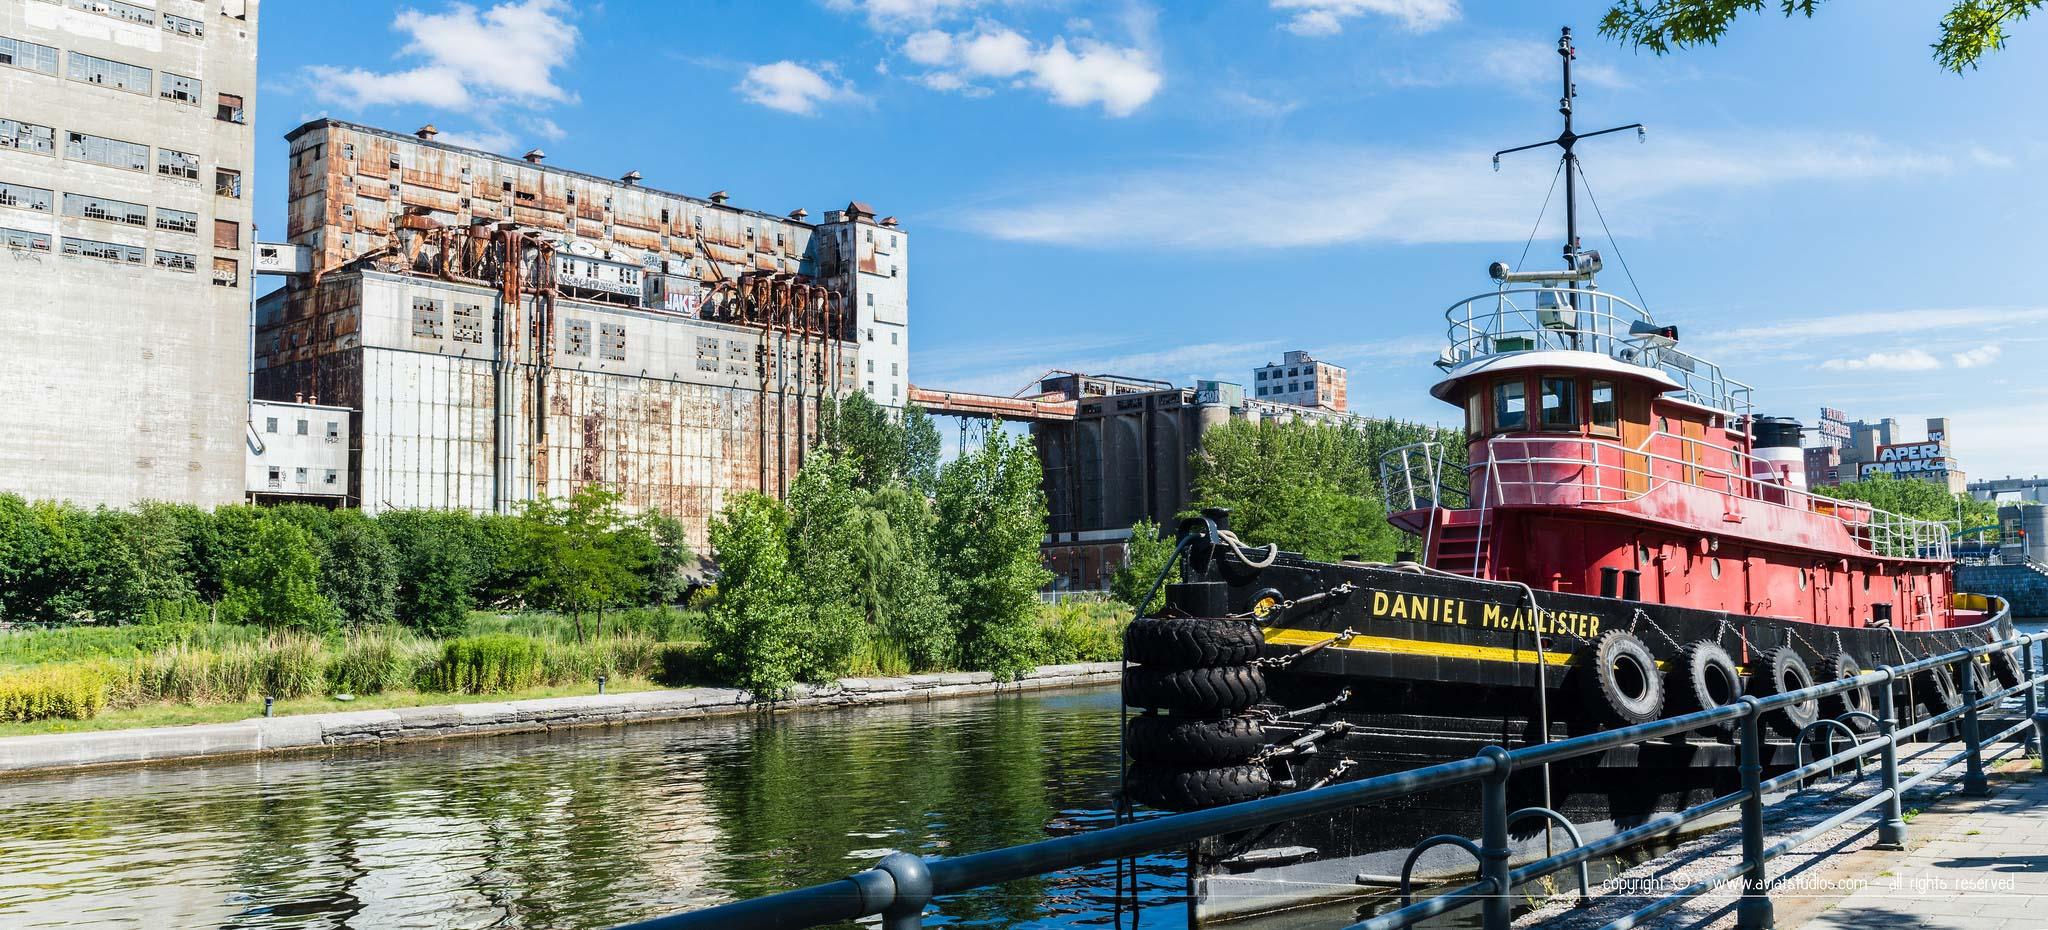 Un été à Montréal avec le Daniel McAlister face au jardin des écluses